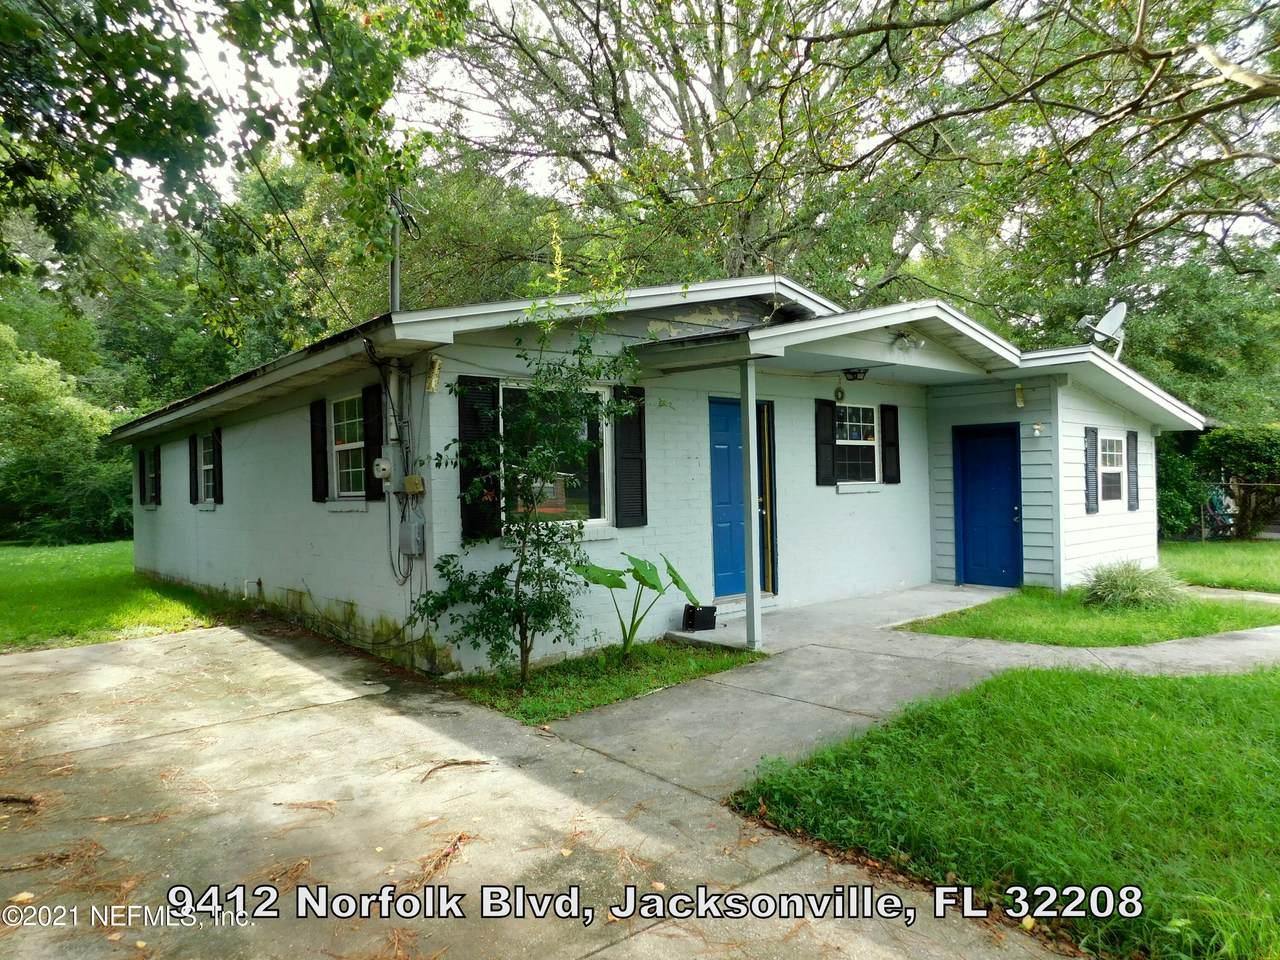 9412 Norfolk Blvd - Photo 1